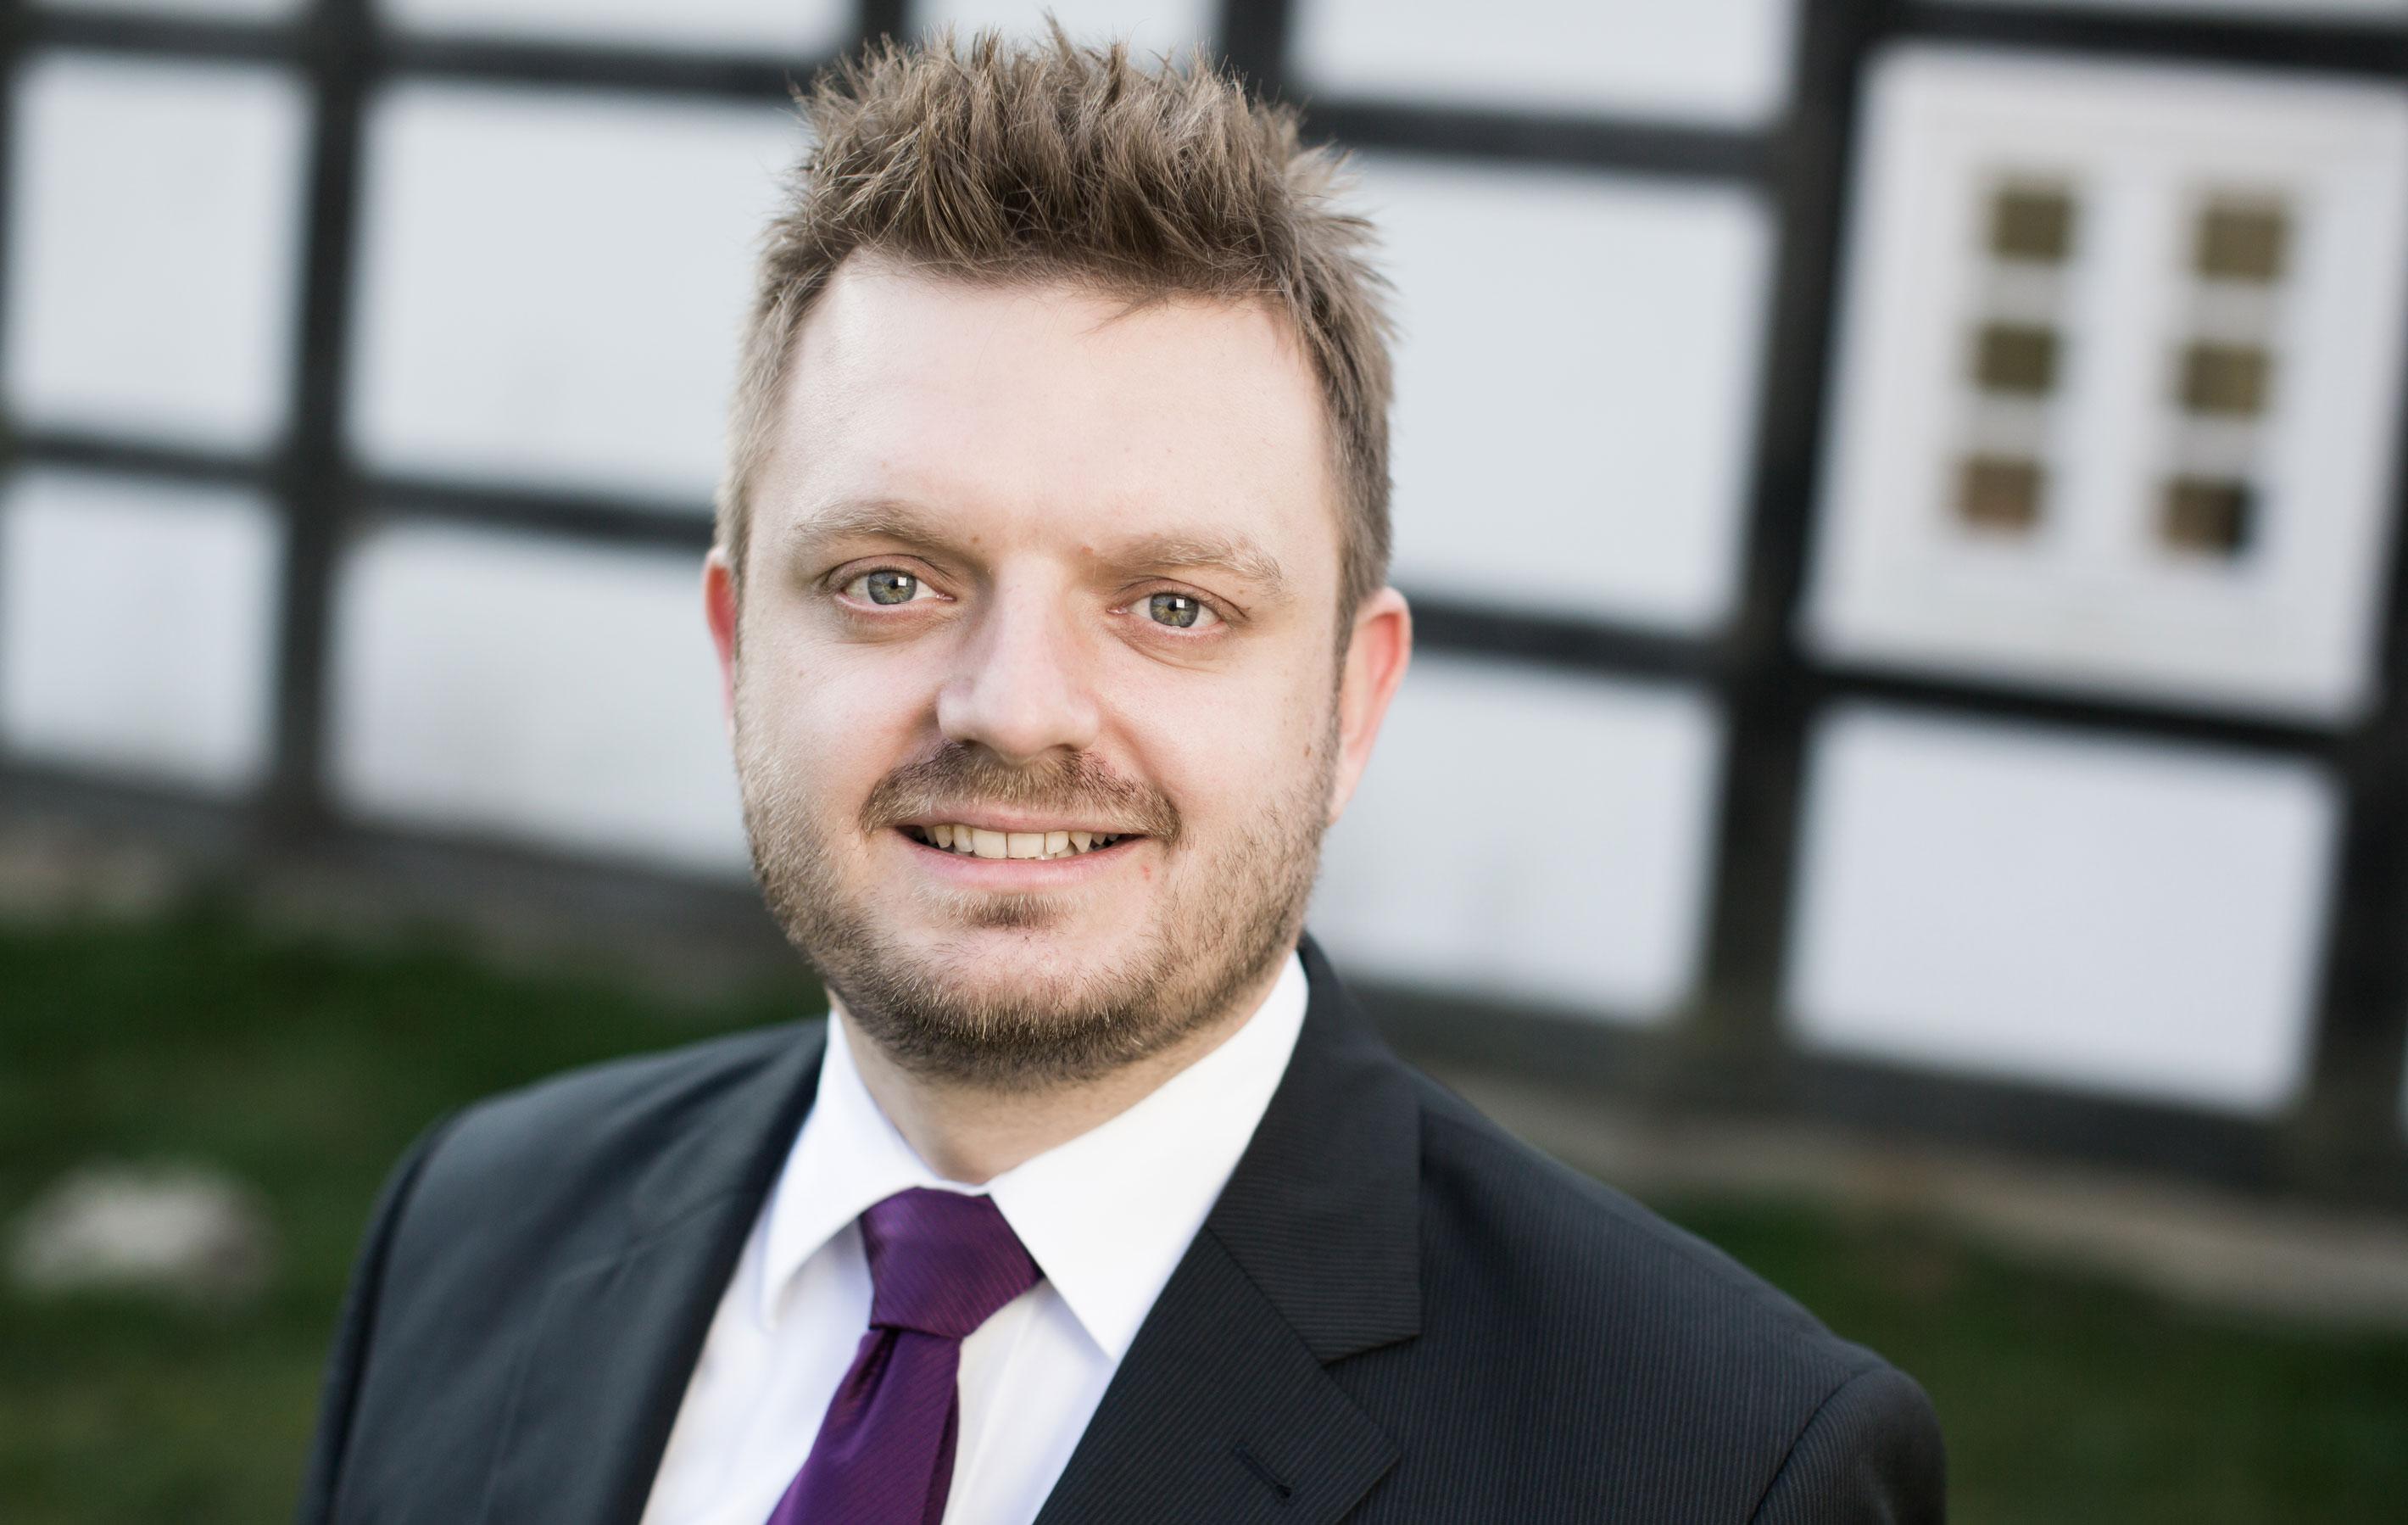 Fraktionsvorsitzender Michael Schönbeck setzt sich für Entlastung der Kommunen ein.